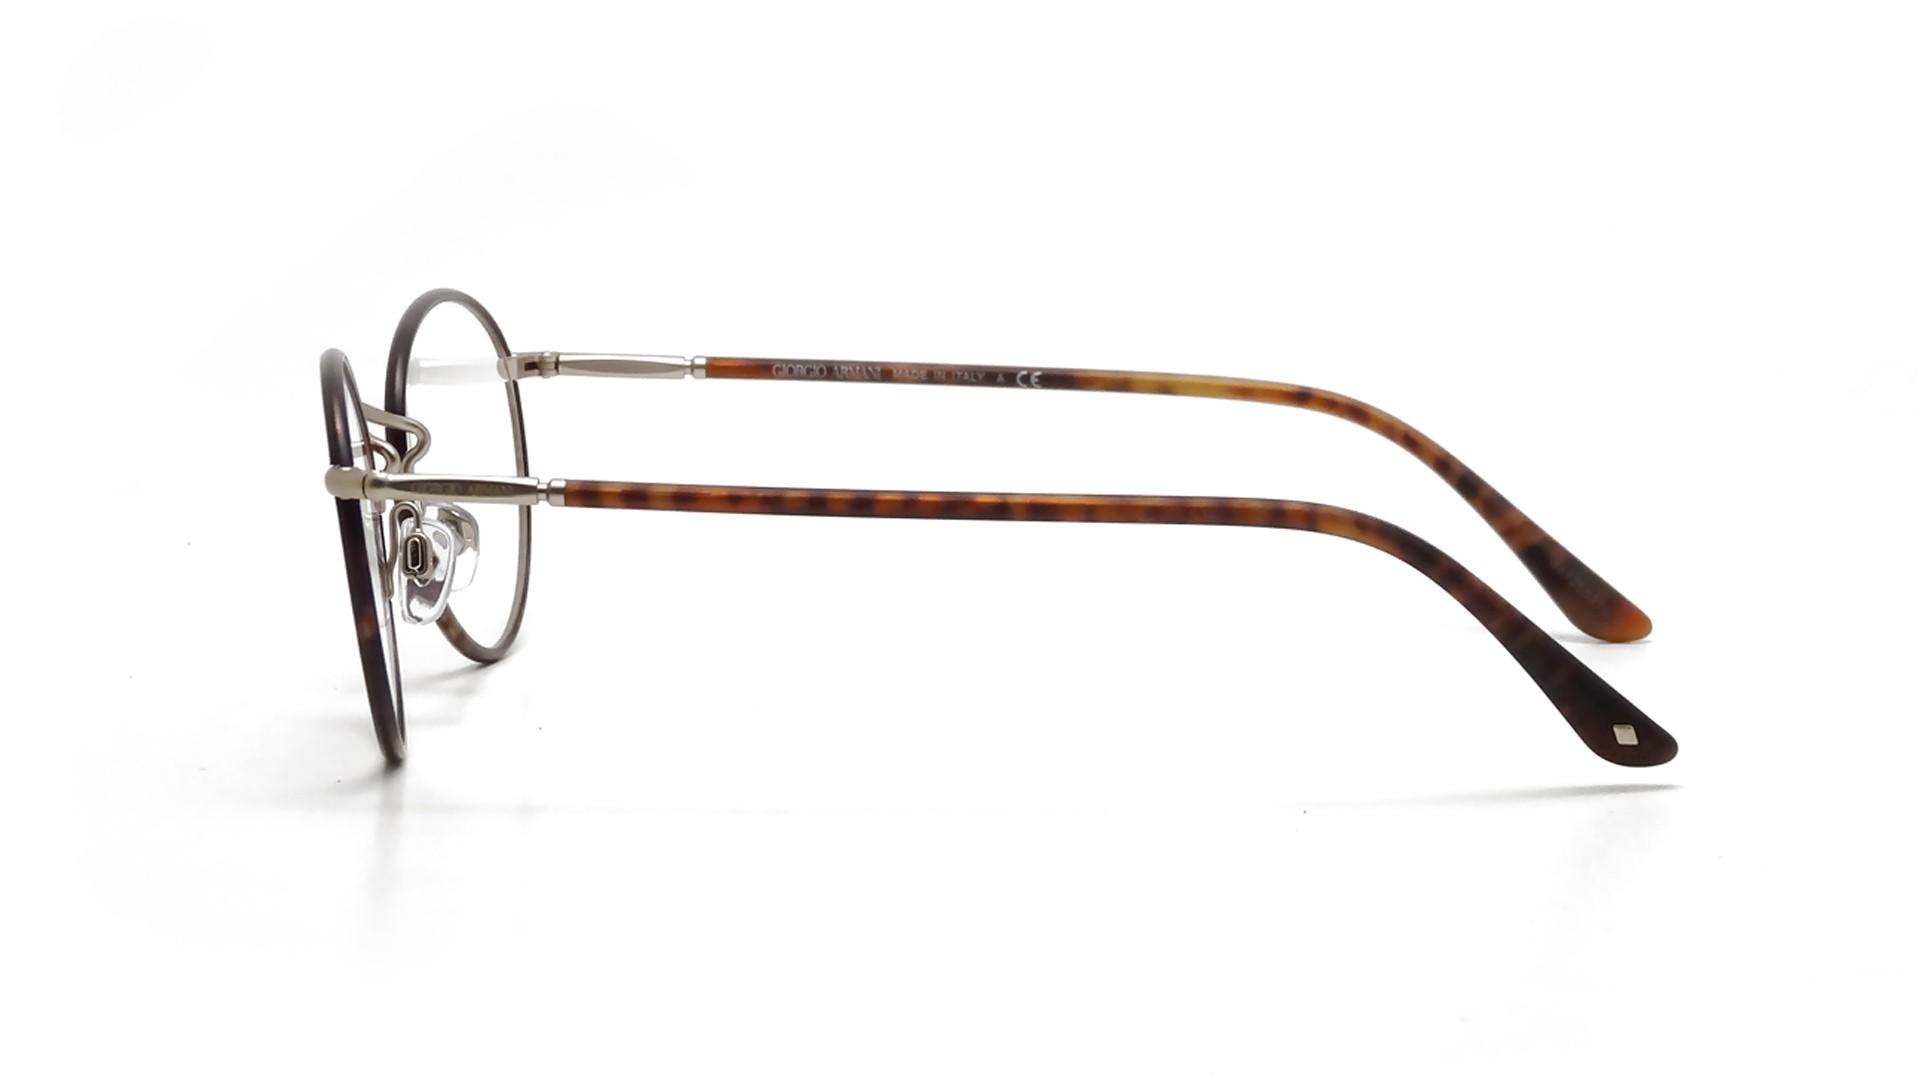 Giorgio Armani Glasses Frames Of Life : Giorgio Armani Frames of Life Tortoise AR5024J 3002 48-20 ...